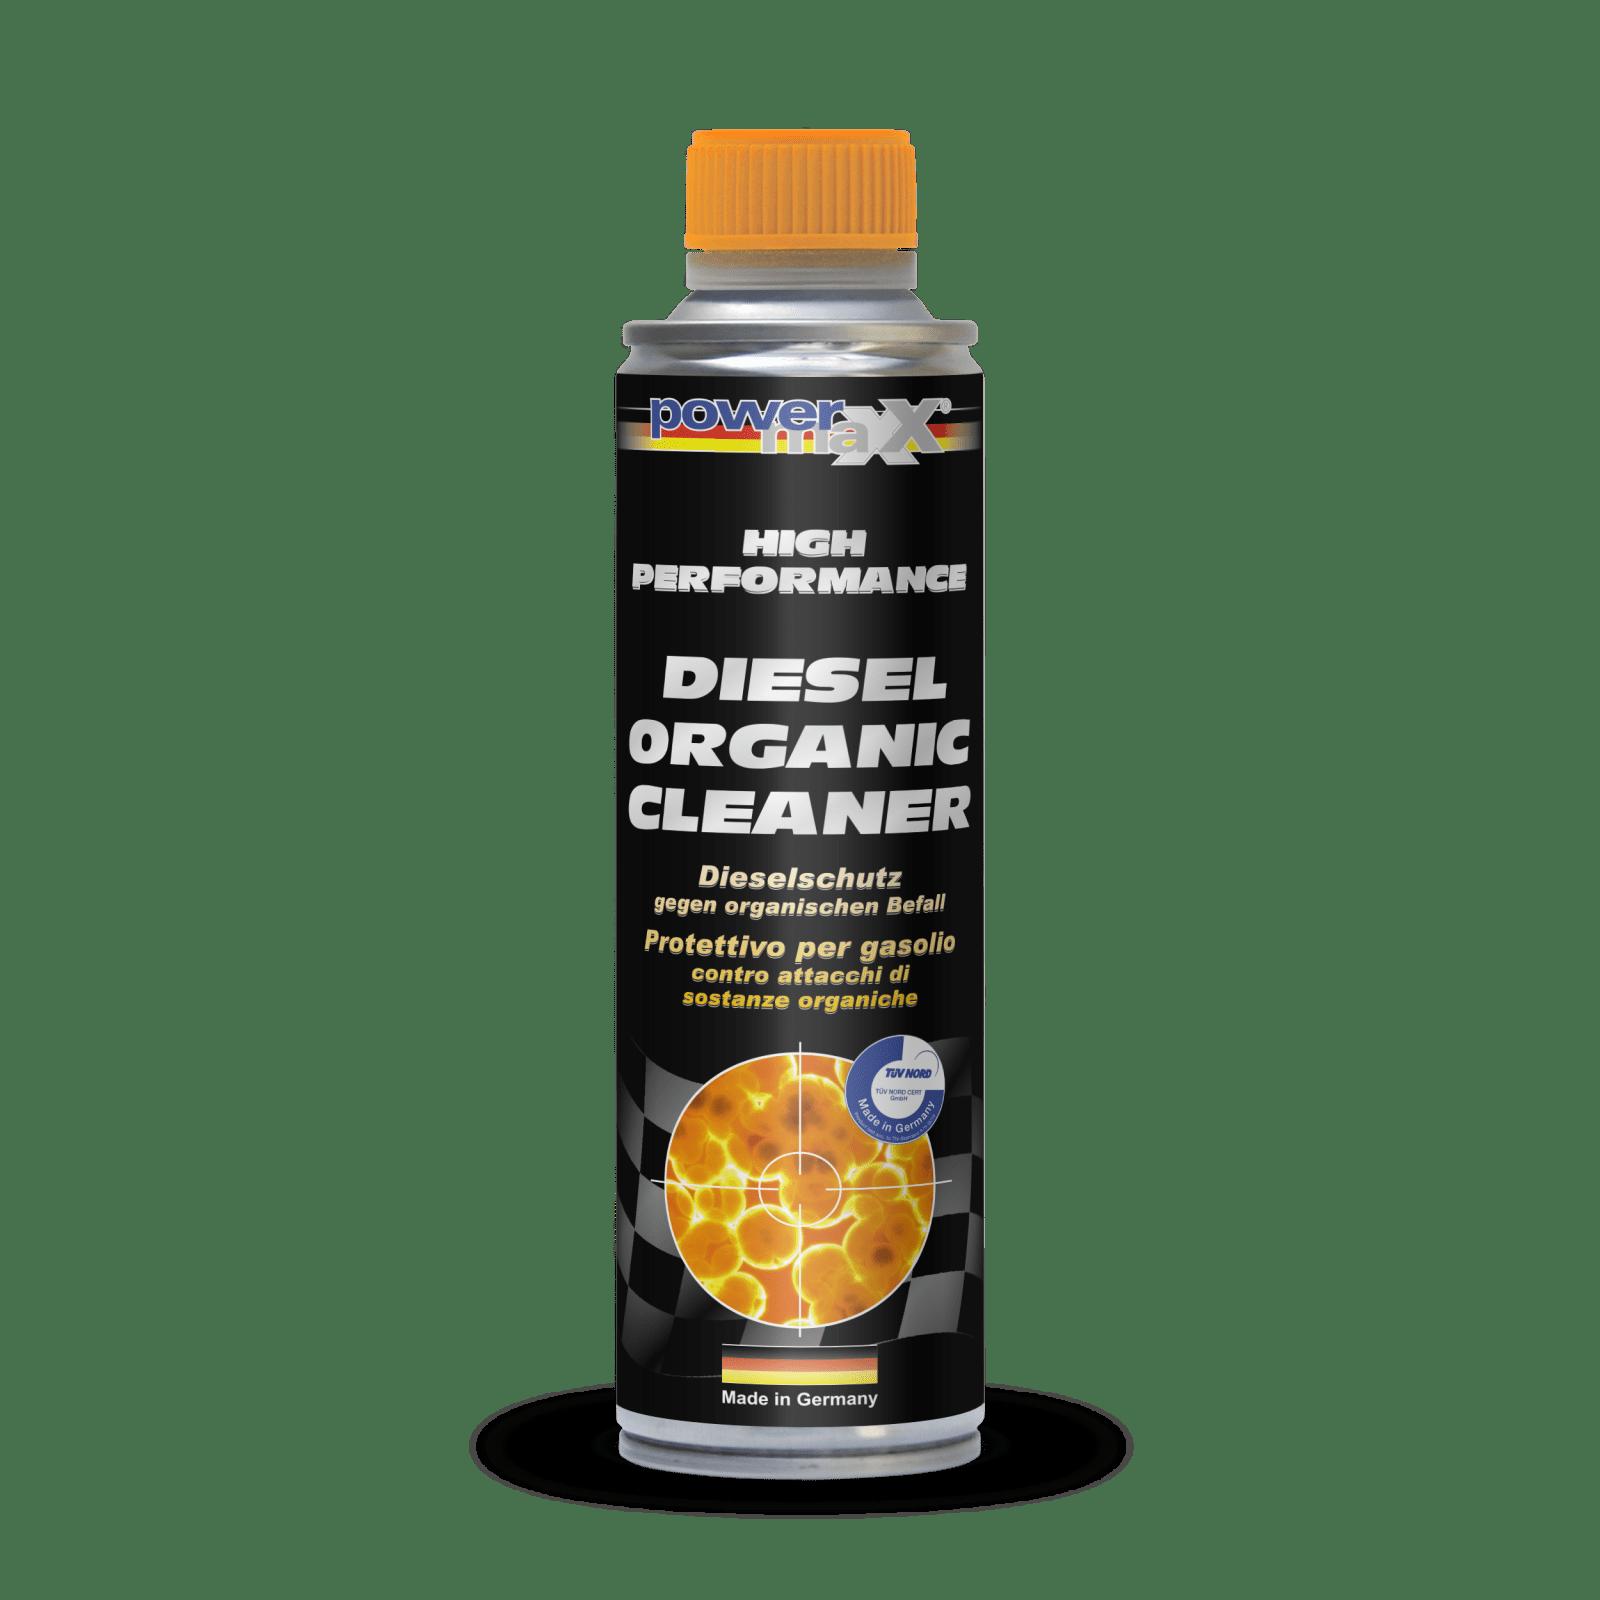 Diesel Organic Cleaner